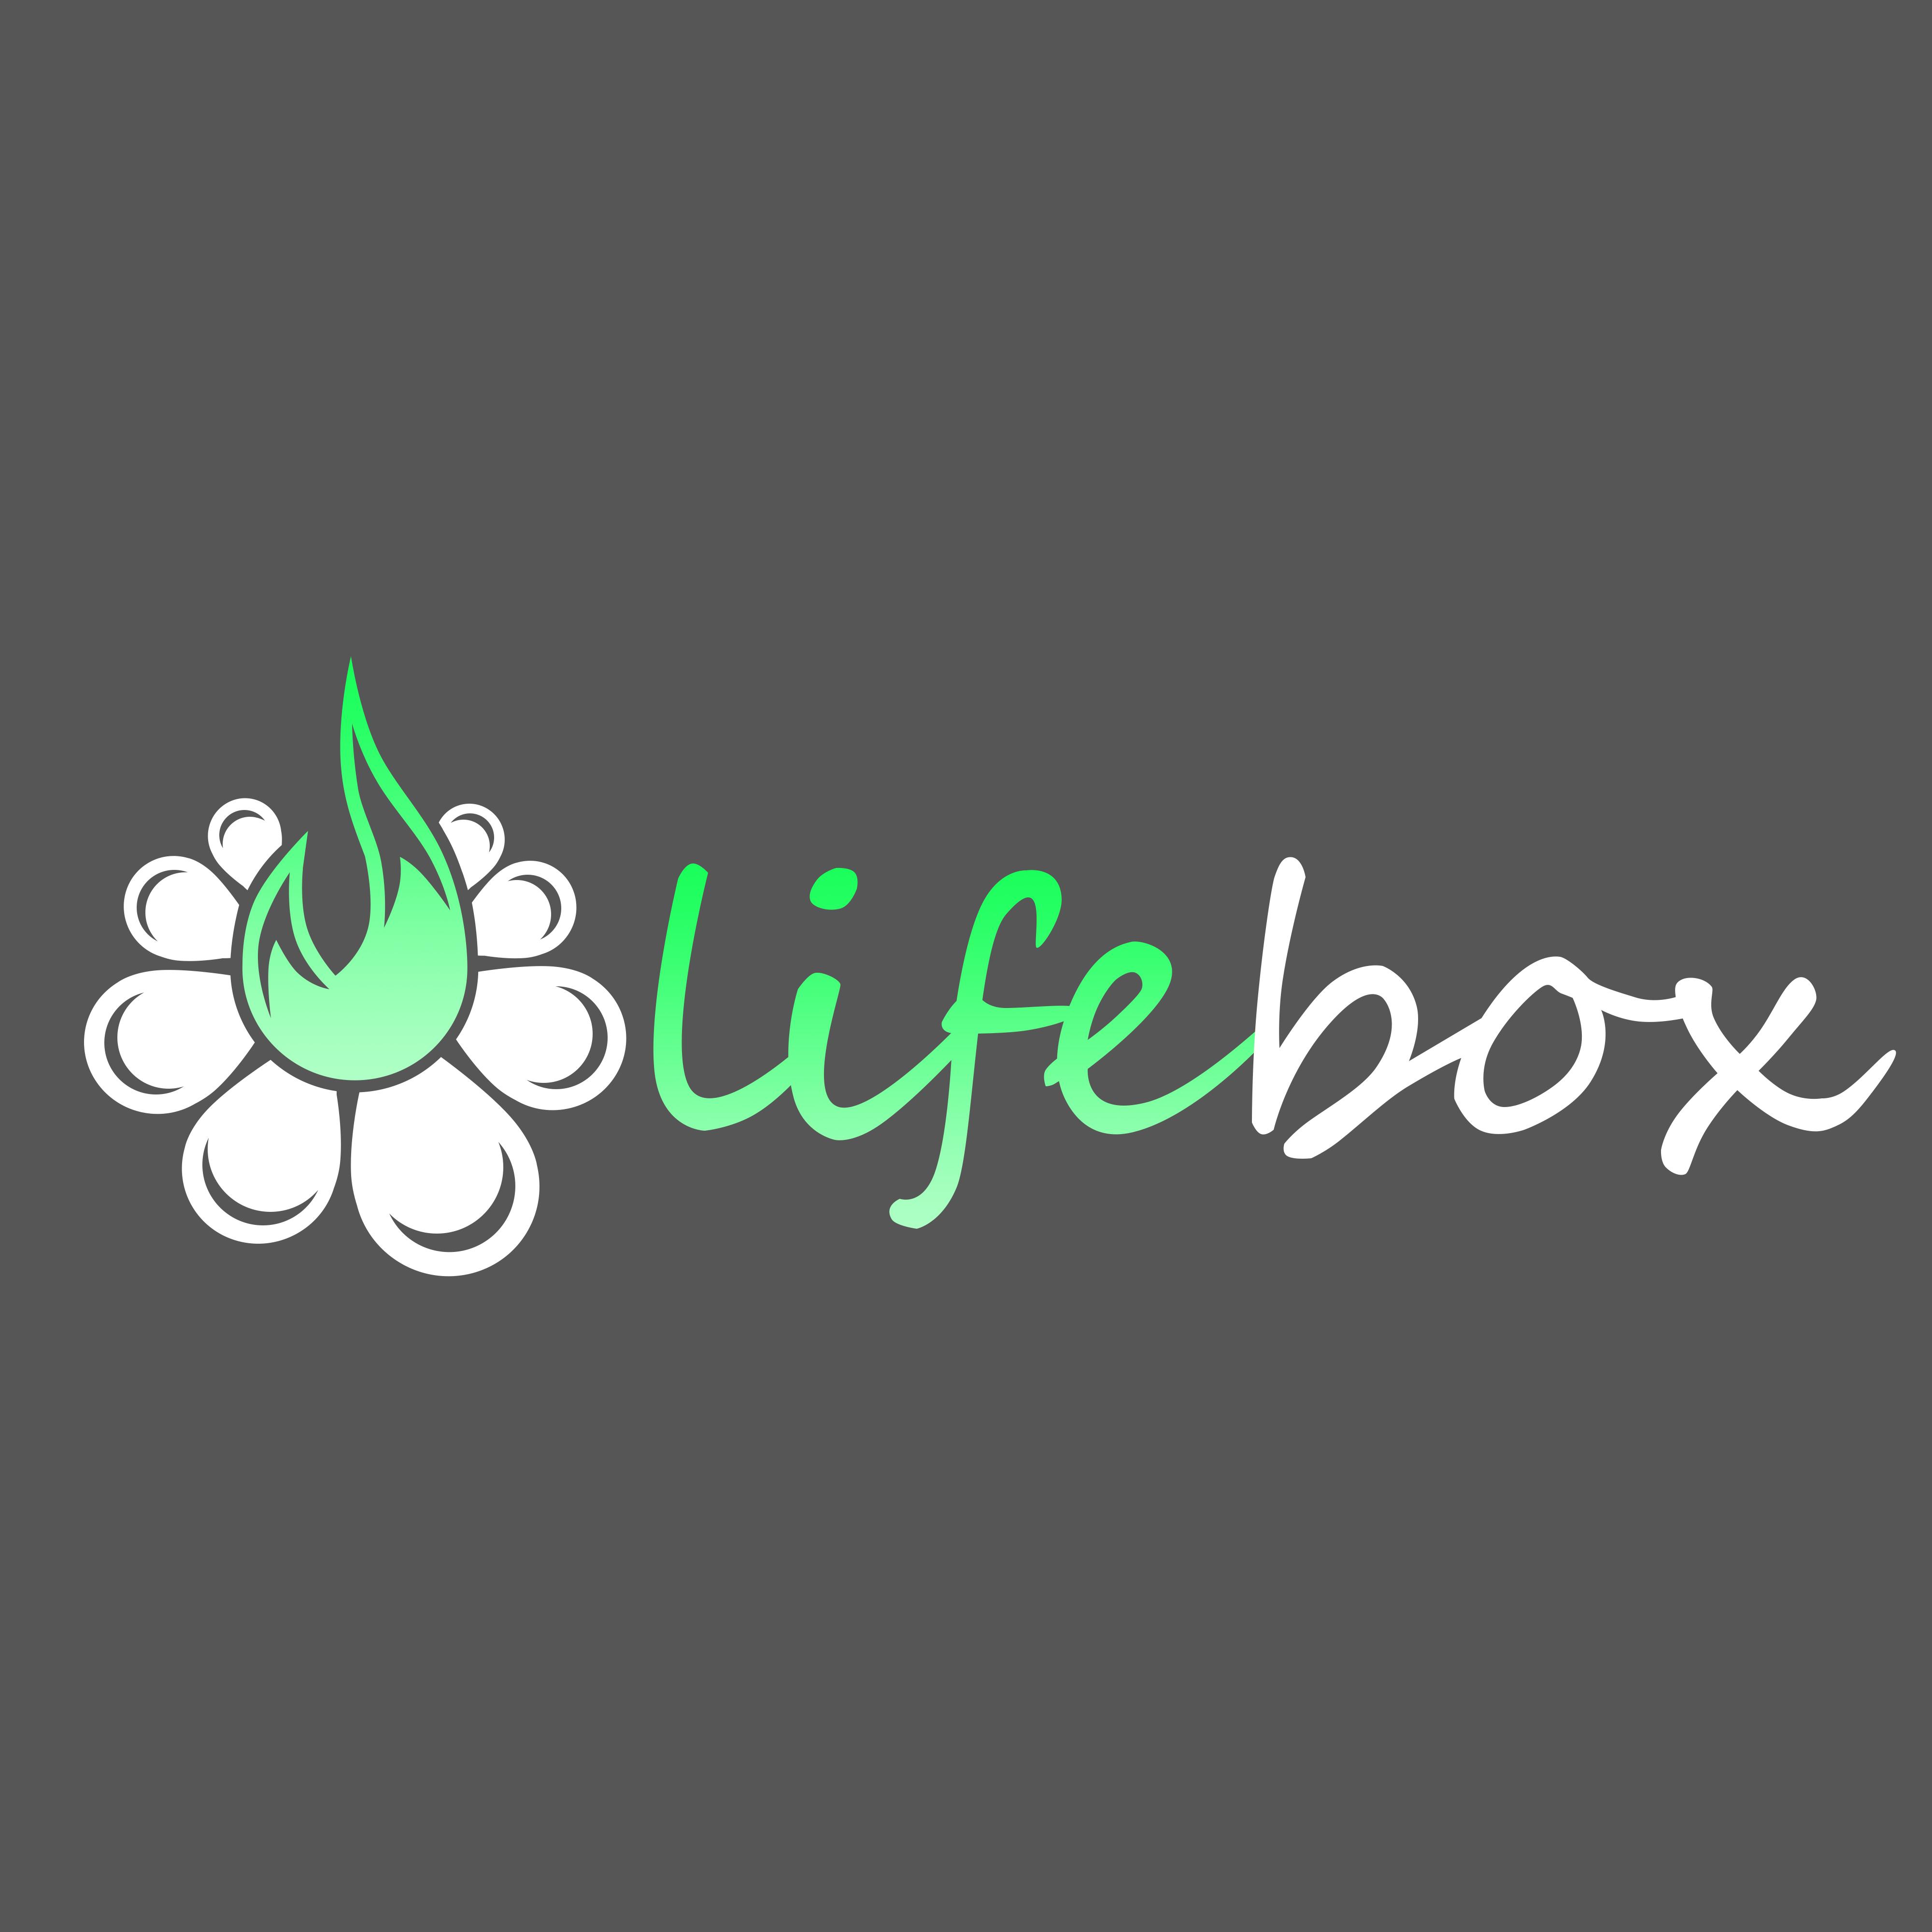 Разработка Логотипа. Победитель получит расширеный заказ  фото f_3445c26baab44b28.jpg